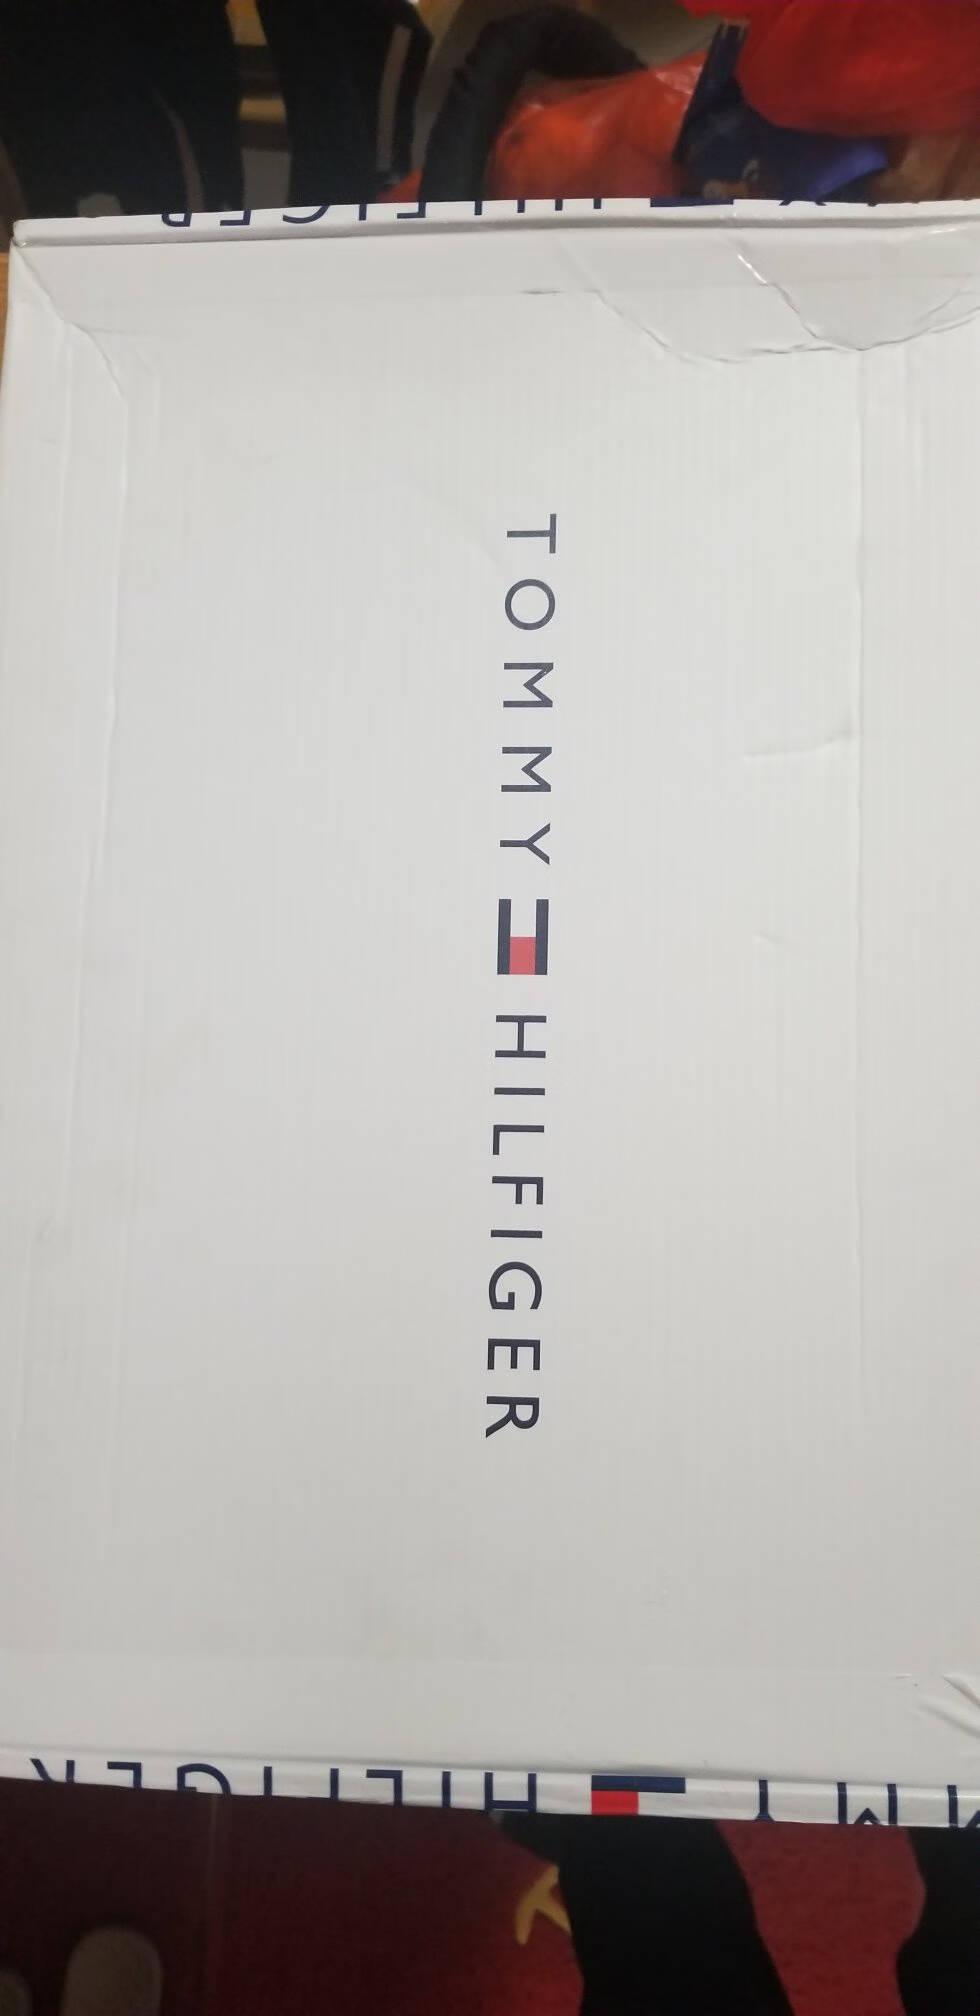 TOMMYJEANS男装经典纯棉刺绣标翻领修身短袖POLO衫DM0DM04266深蓝色002S